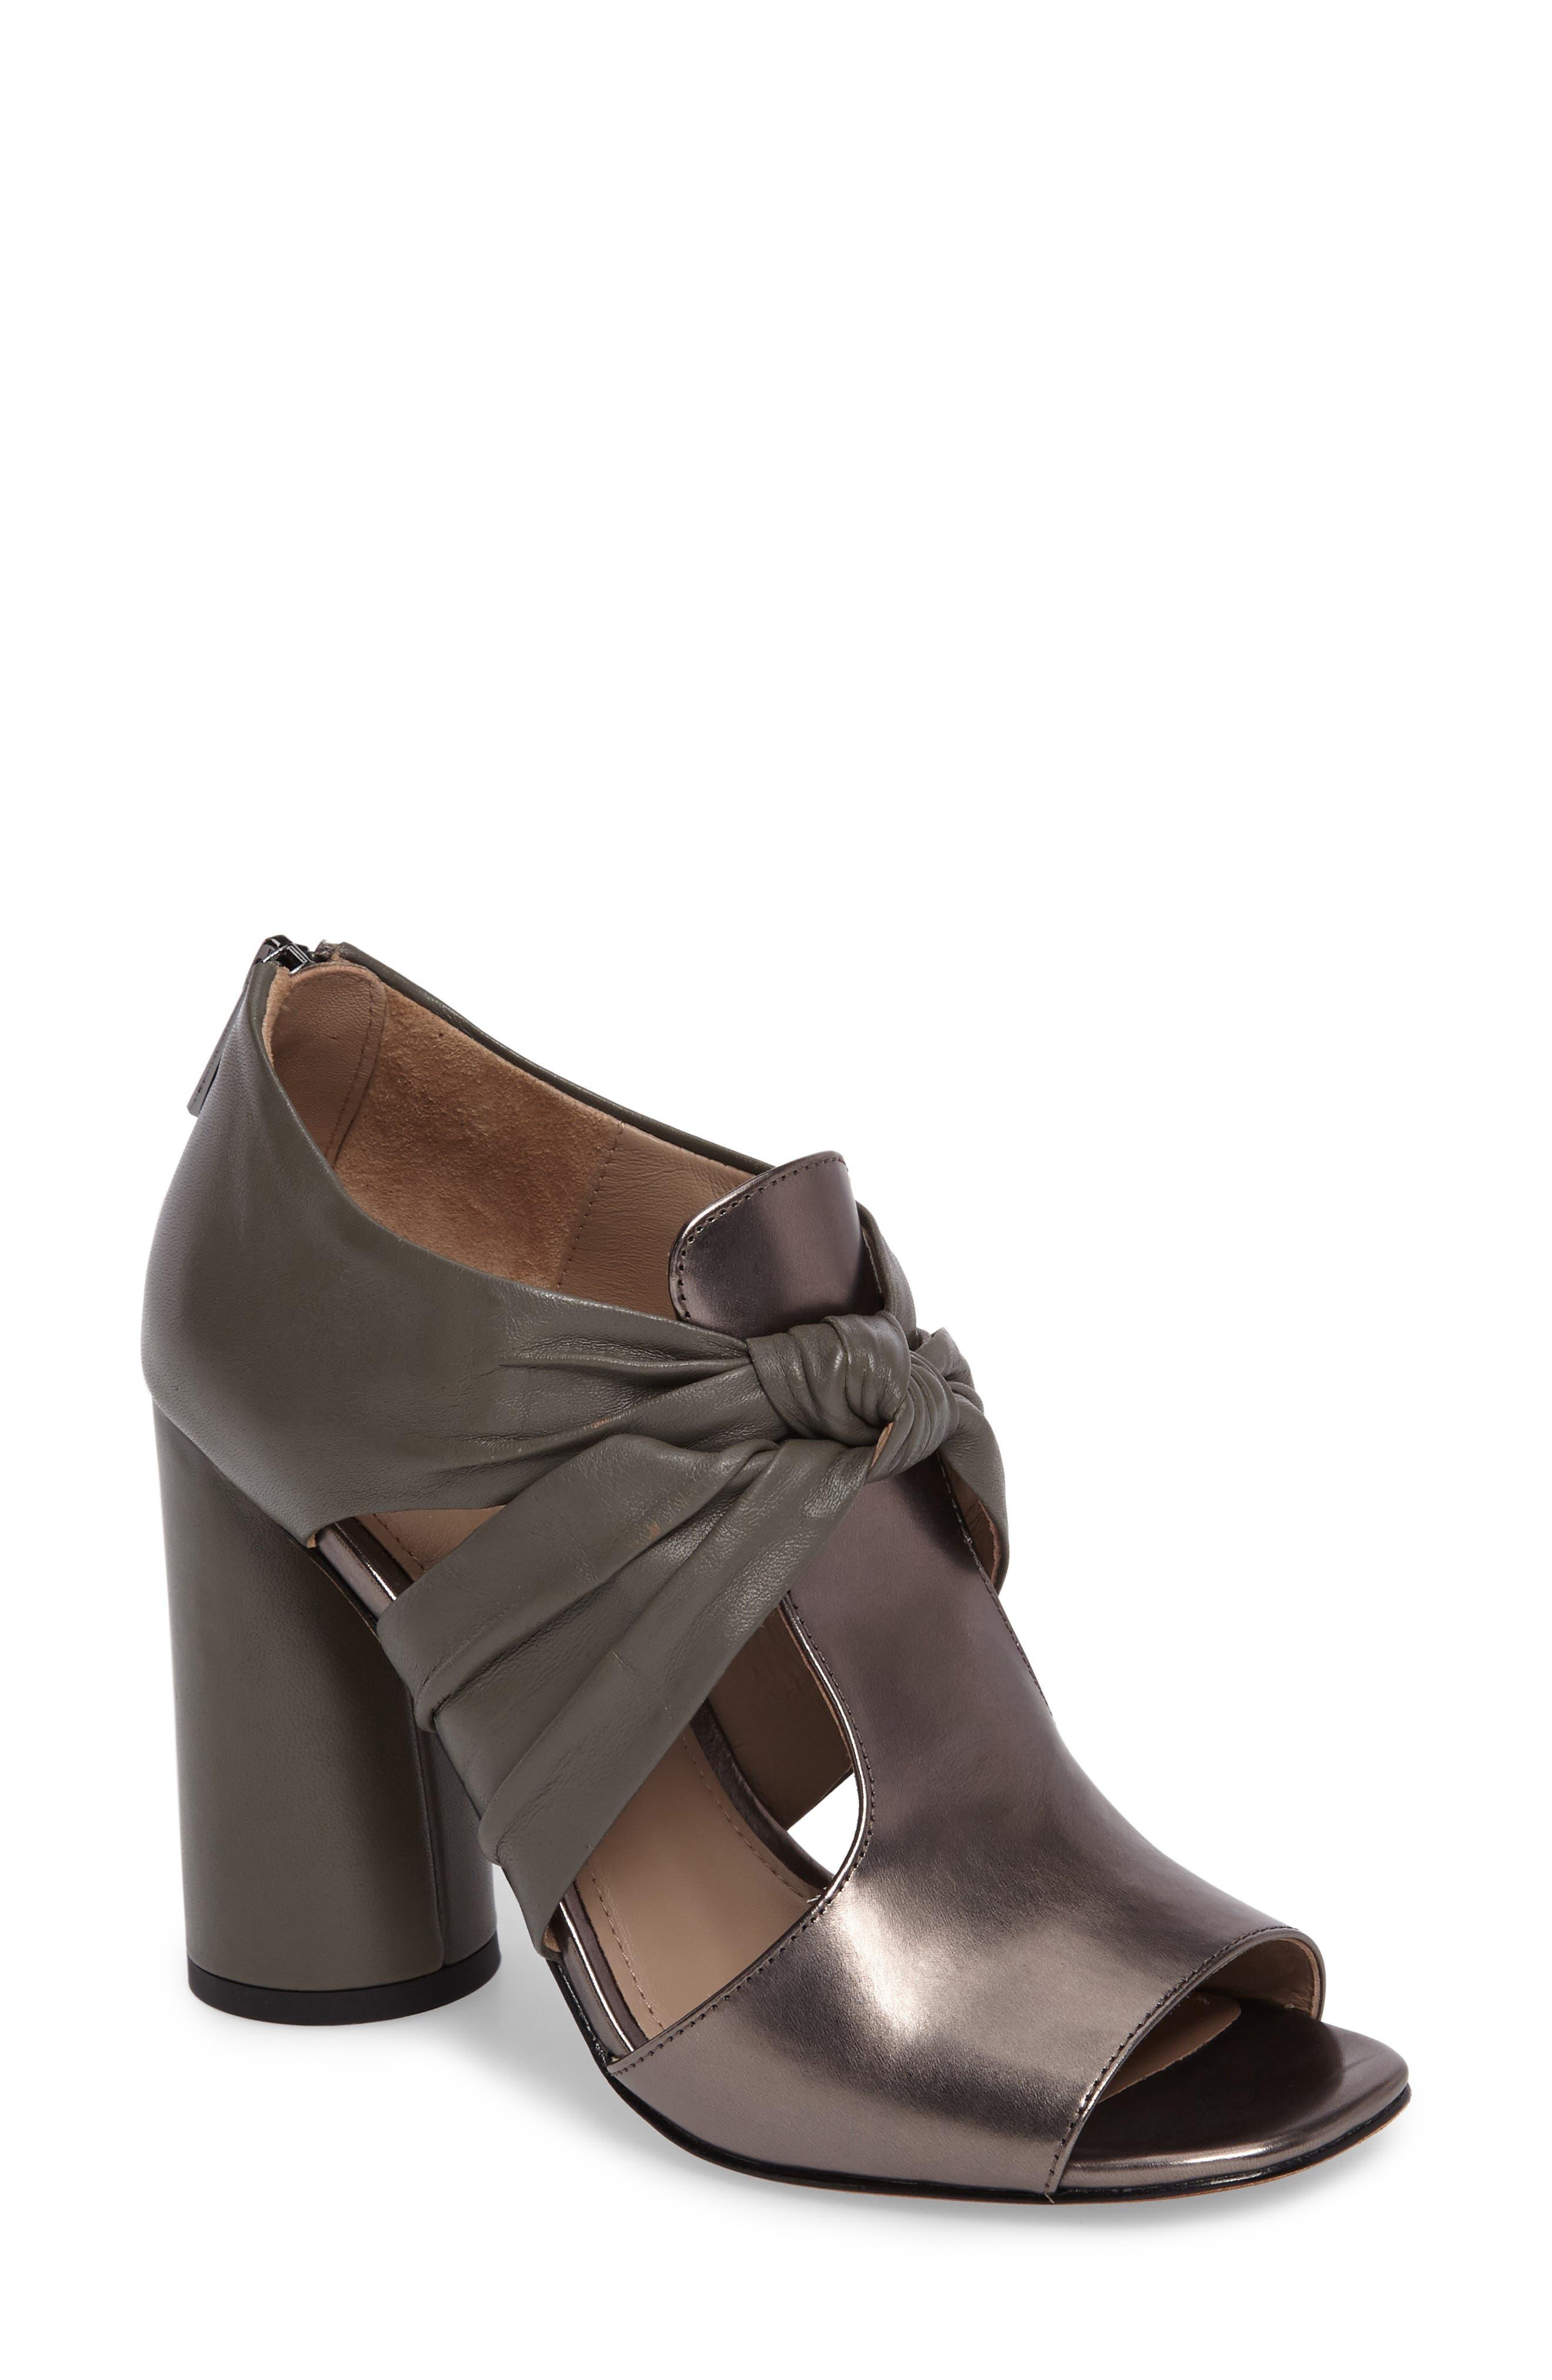 DONALD J PLINER Bailey Knotted Column Heel Sandal